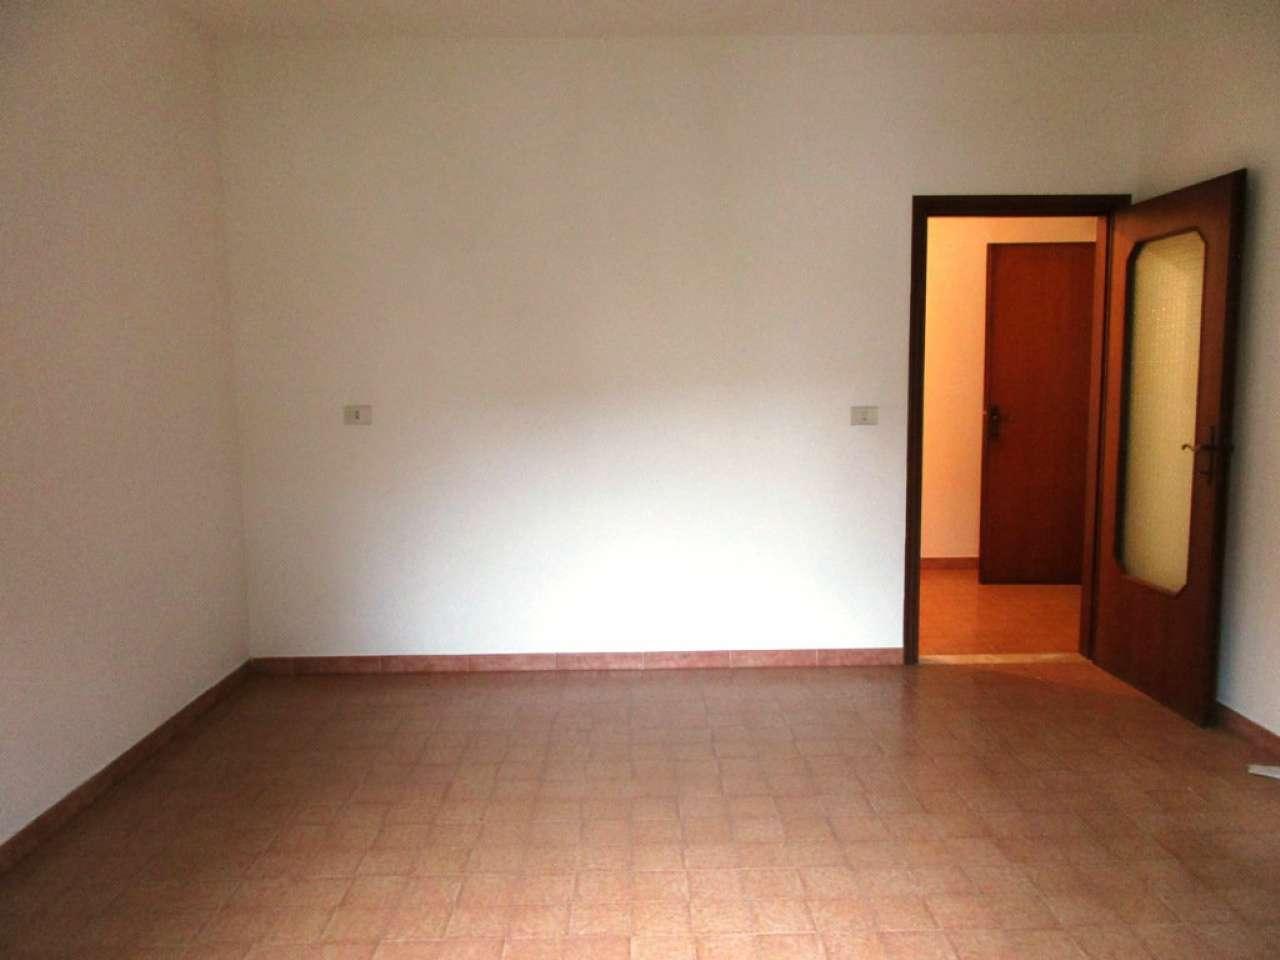 Appartamento in vendita a Bettola, 3 locali, prezzo € 75.000   PortaleAgenzieImmobiliari.it